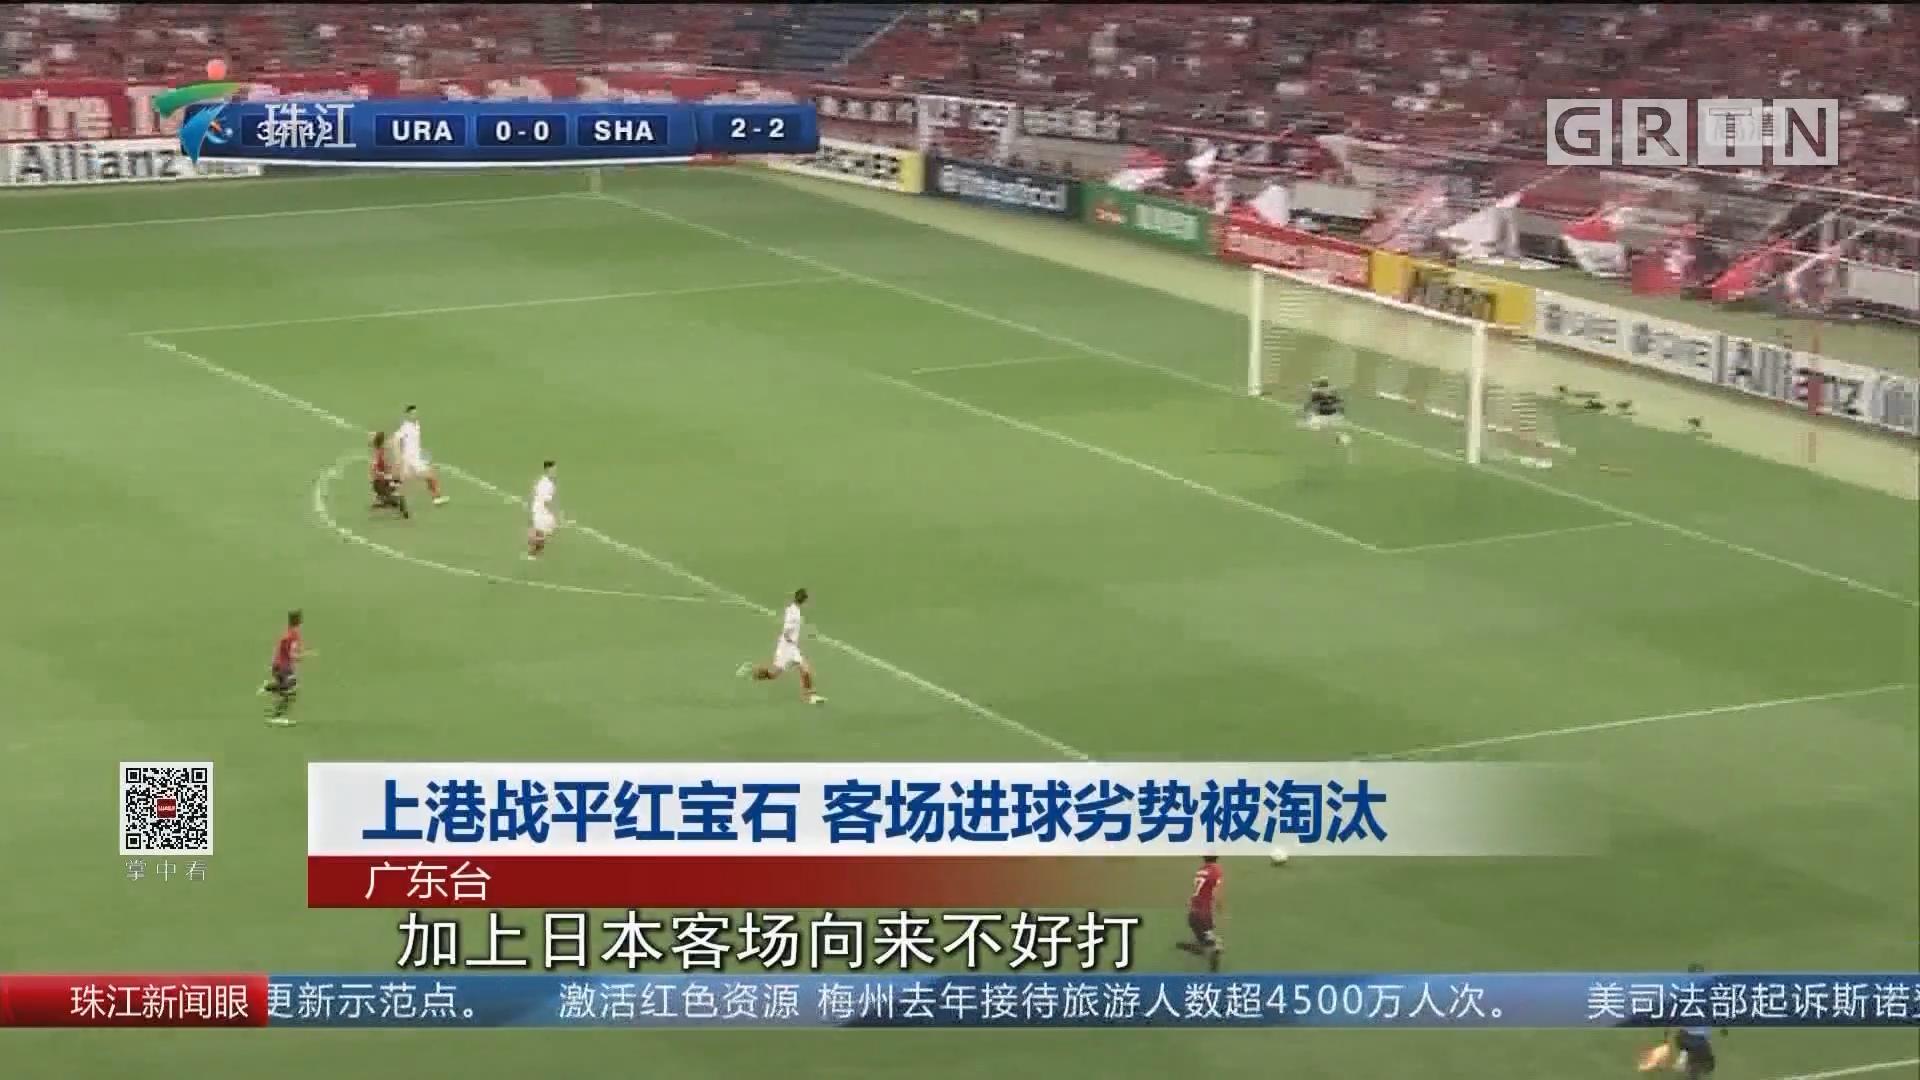 上港战平红宝石 客场进球劣势被淘汰